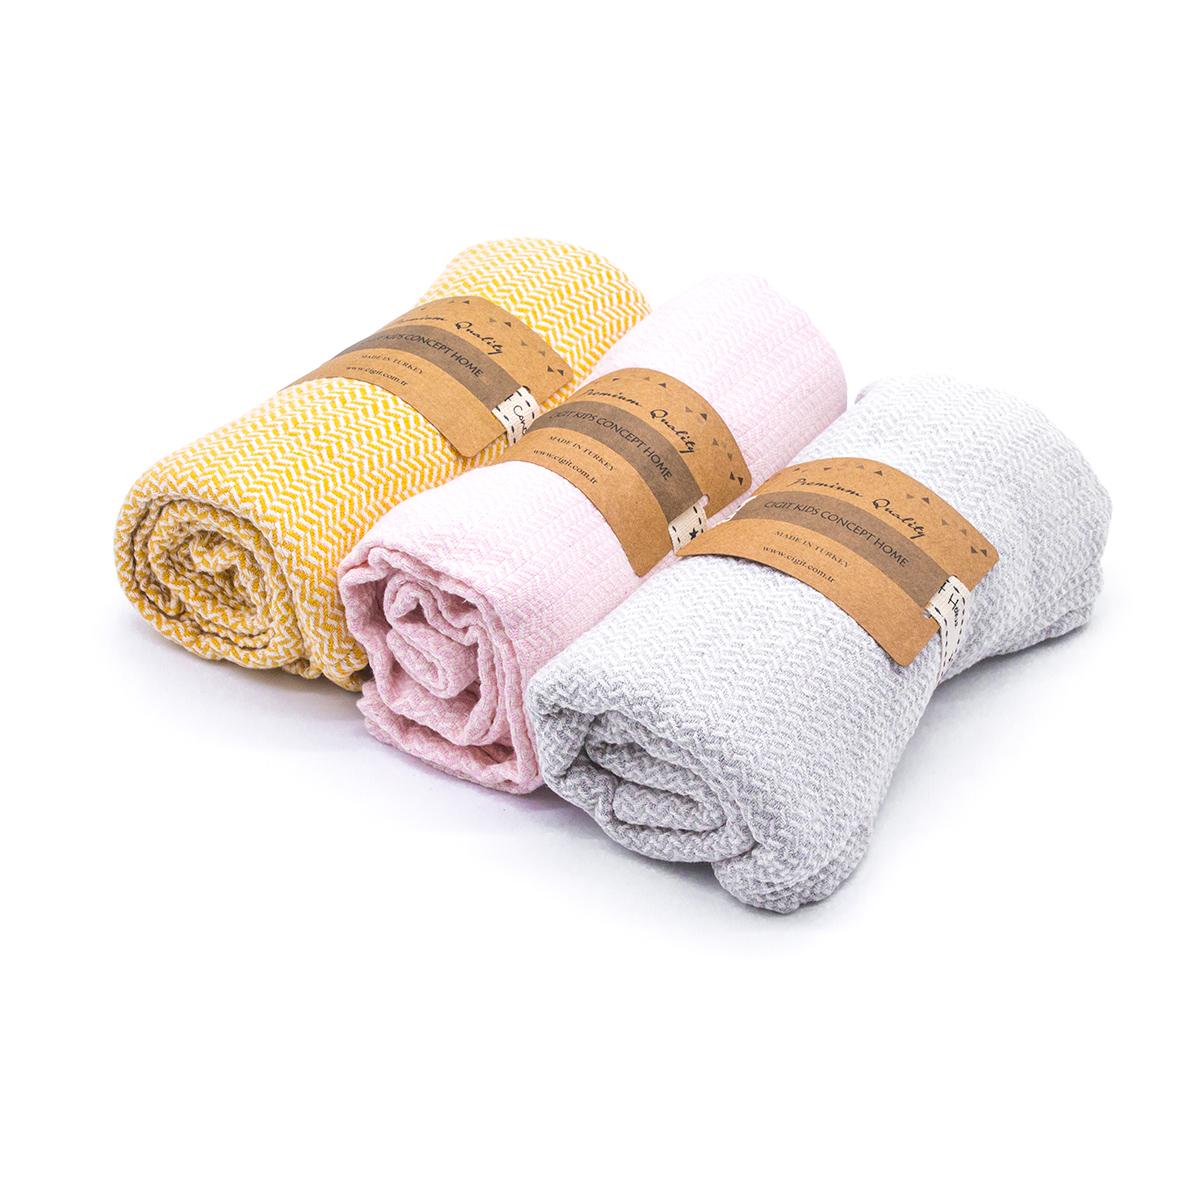 Бебешко одеяло Cottonseed 100% памук